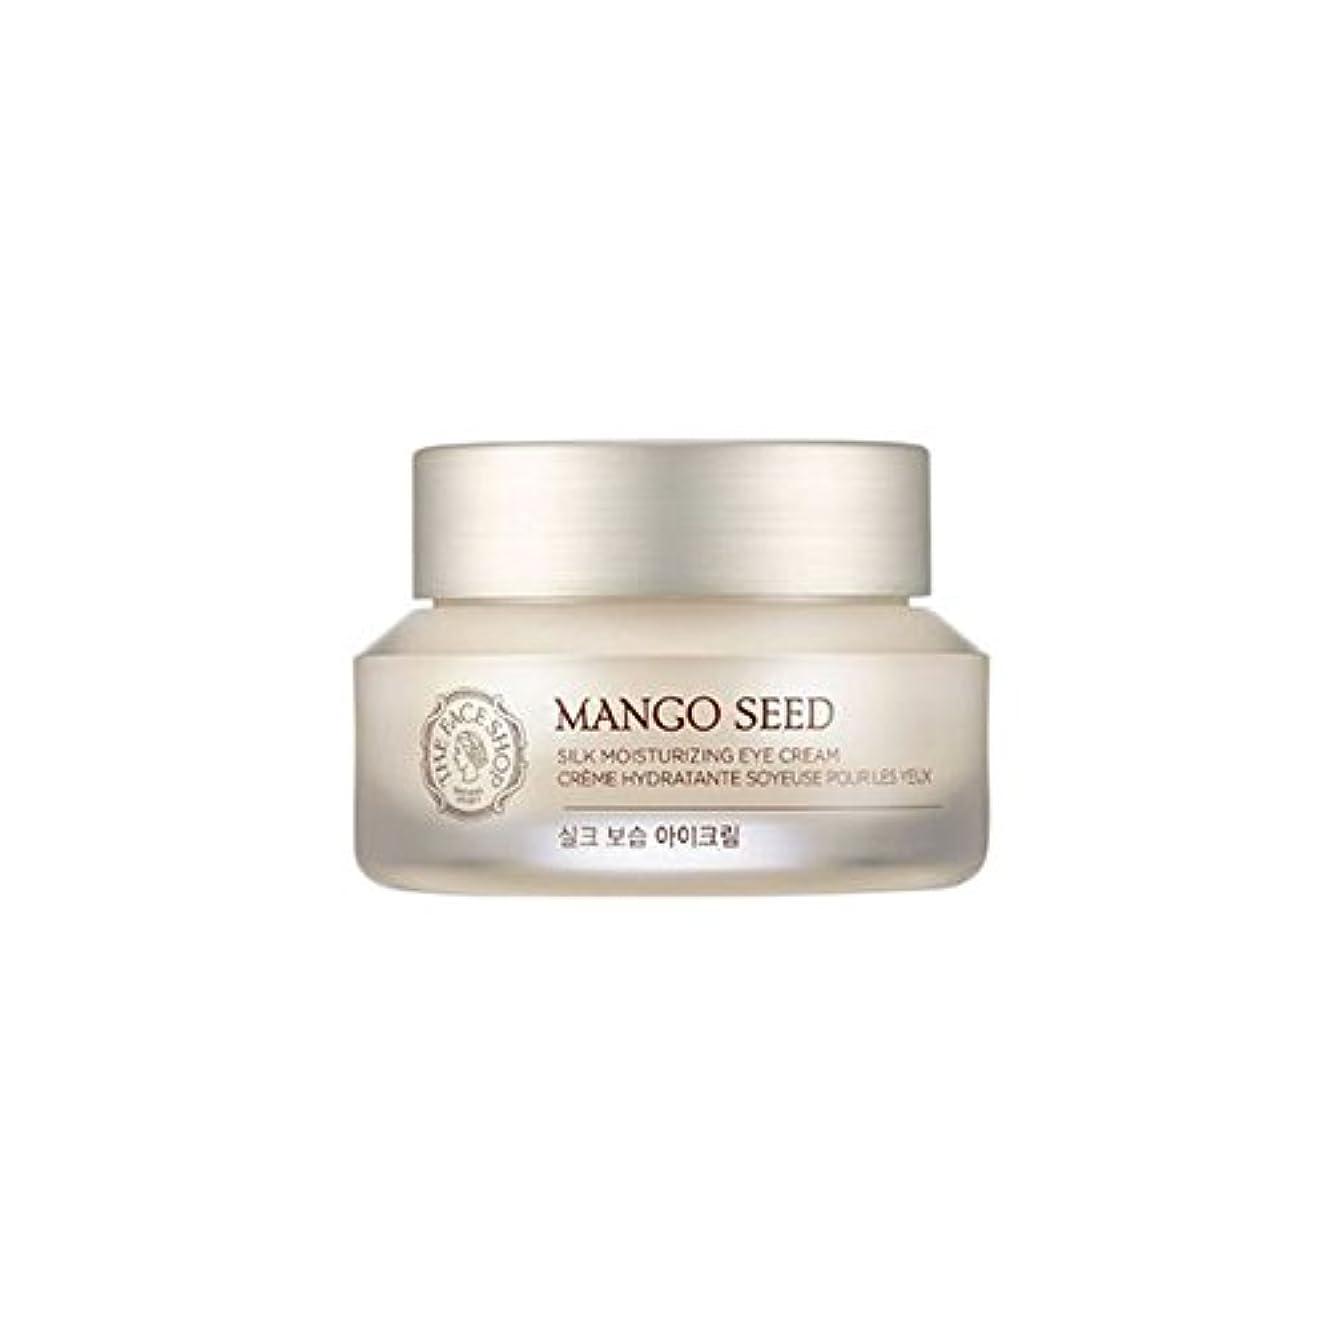 ことわざ伝説くま[ザフェイスショップ] THE FACE SHOP マンゴシードシルク保湿アイクリーム (30ml) The Face Shop Mango Seed Silk Moisturizing Eye Cream(30ml)...